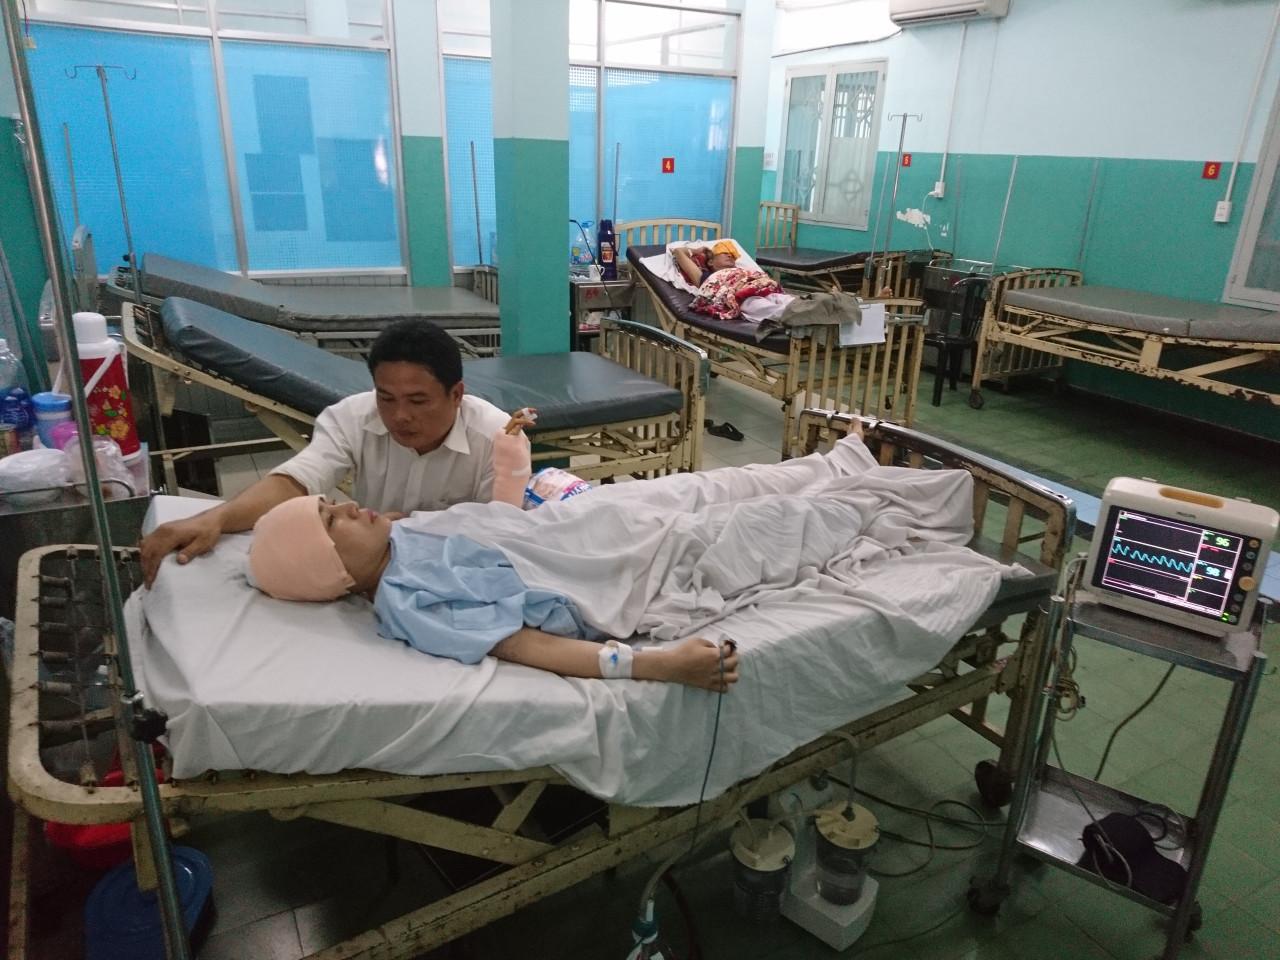 Vụ cô gái cùng bạn bị người yêu rút súng bắn: Chưa phẫu thuật lấy đạn ra khỏi cơ thể hai nạn nhân - Ảnh 2